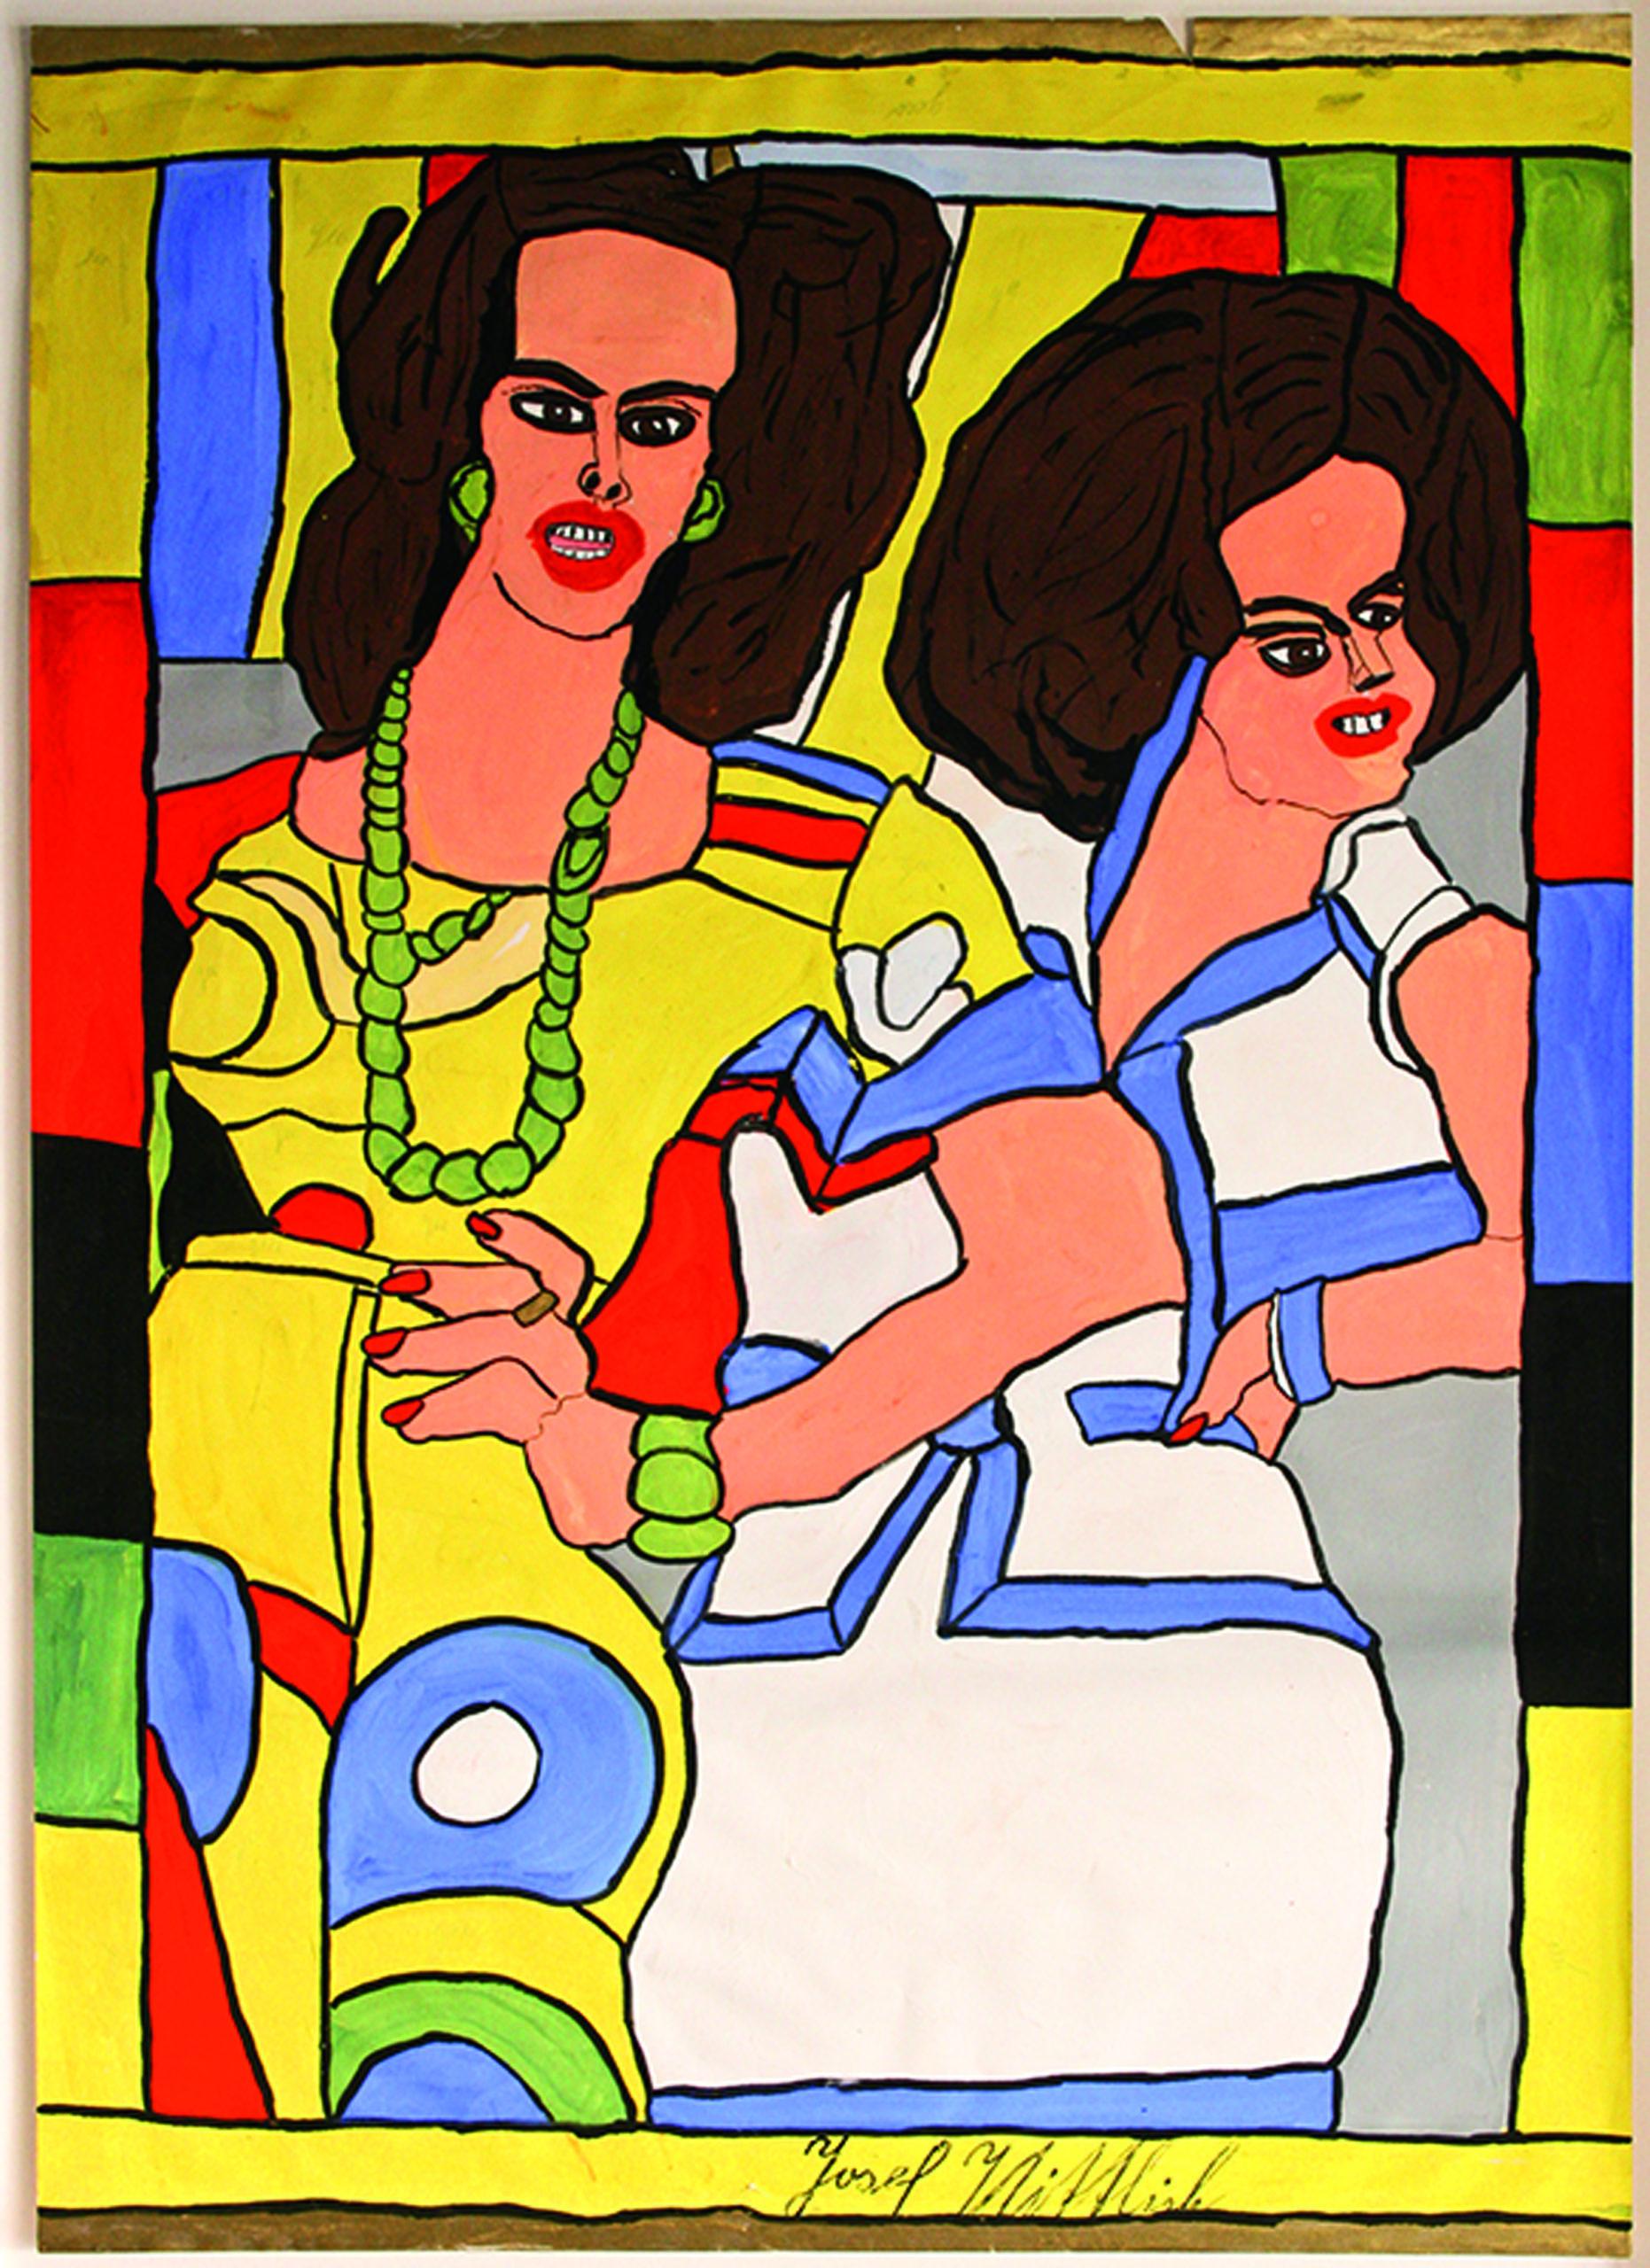 wittlich josef - Zwei Frauen in bunten Kleidern / Two women in colorful dresses